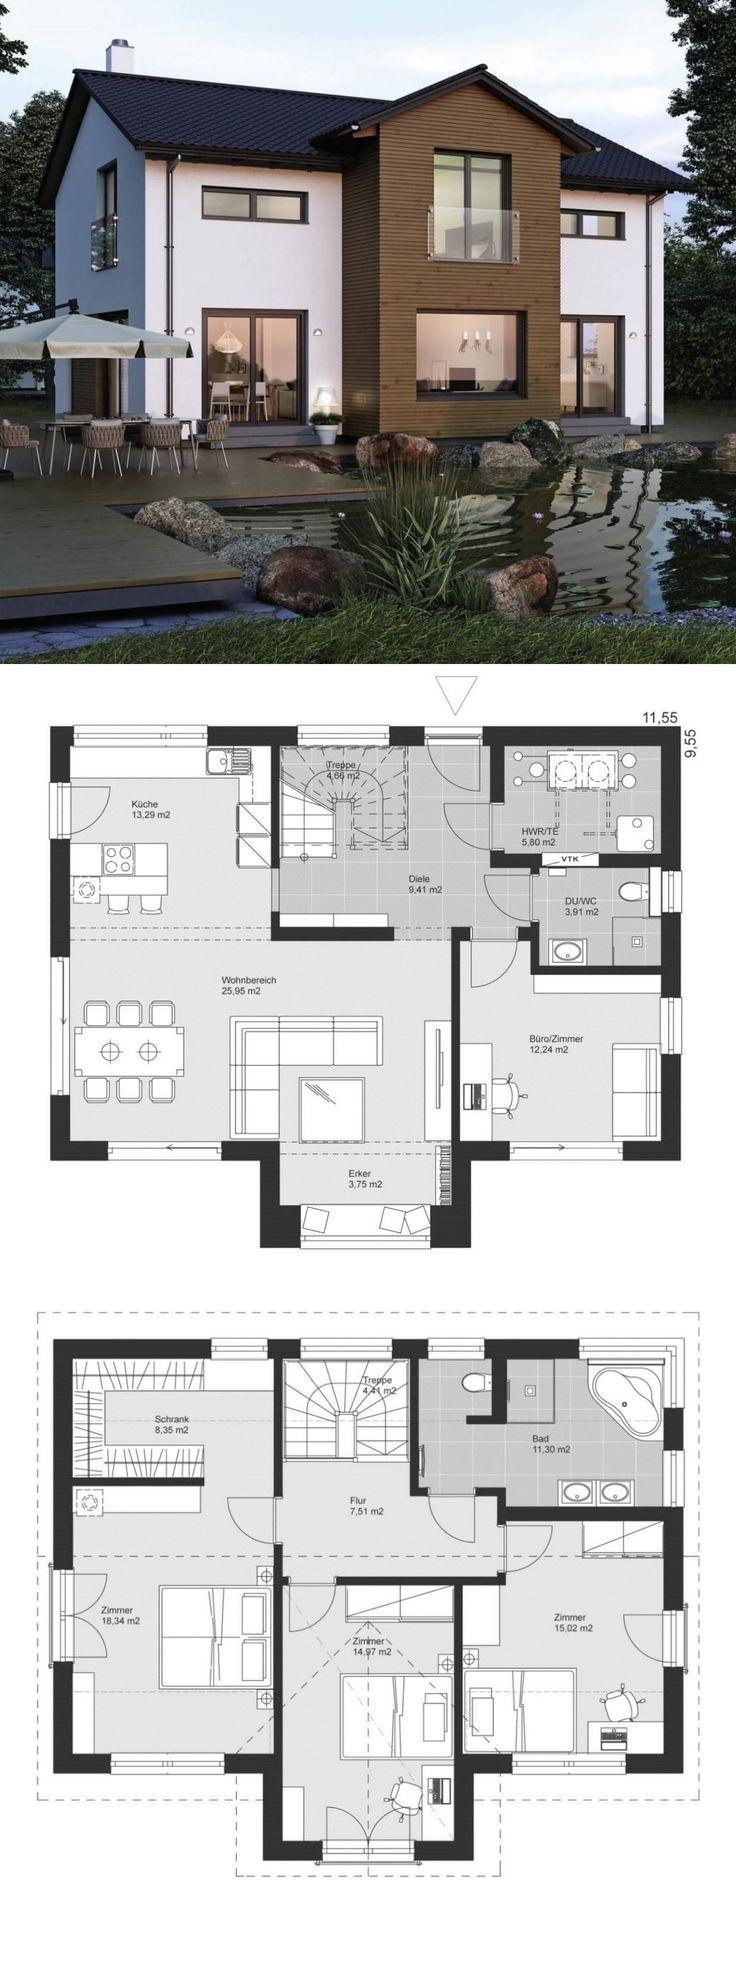 Modernes Einfamilienhaus im Landhausstil Grundriss…